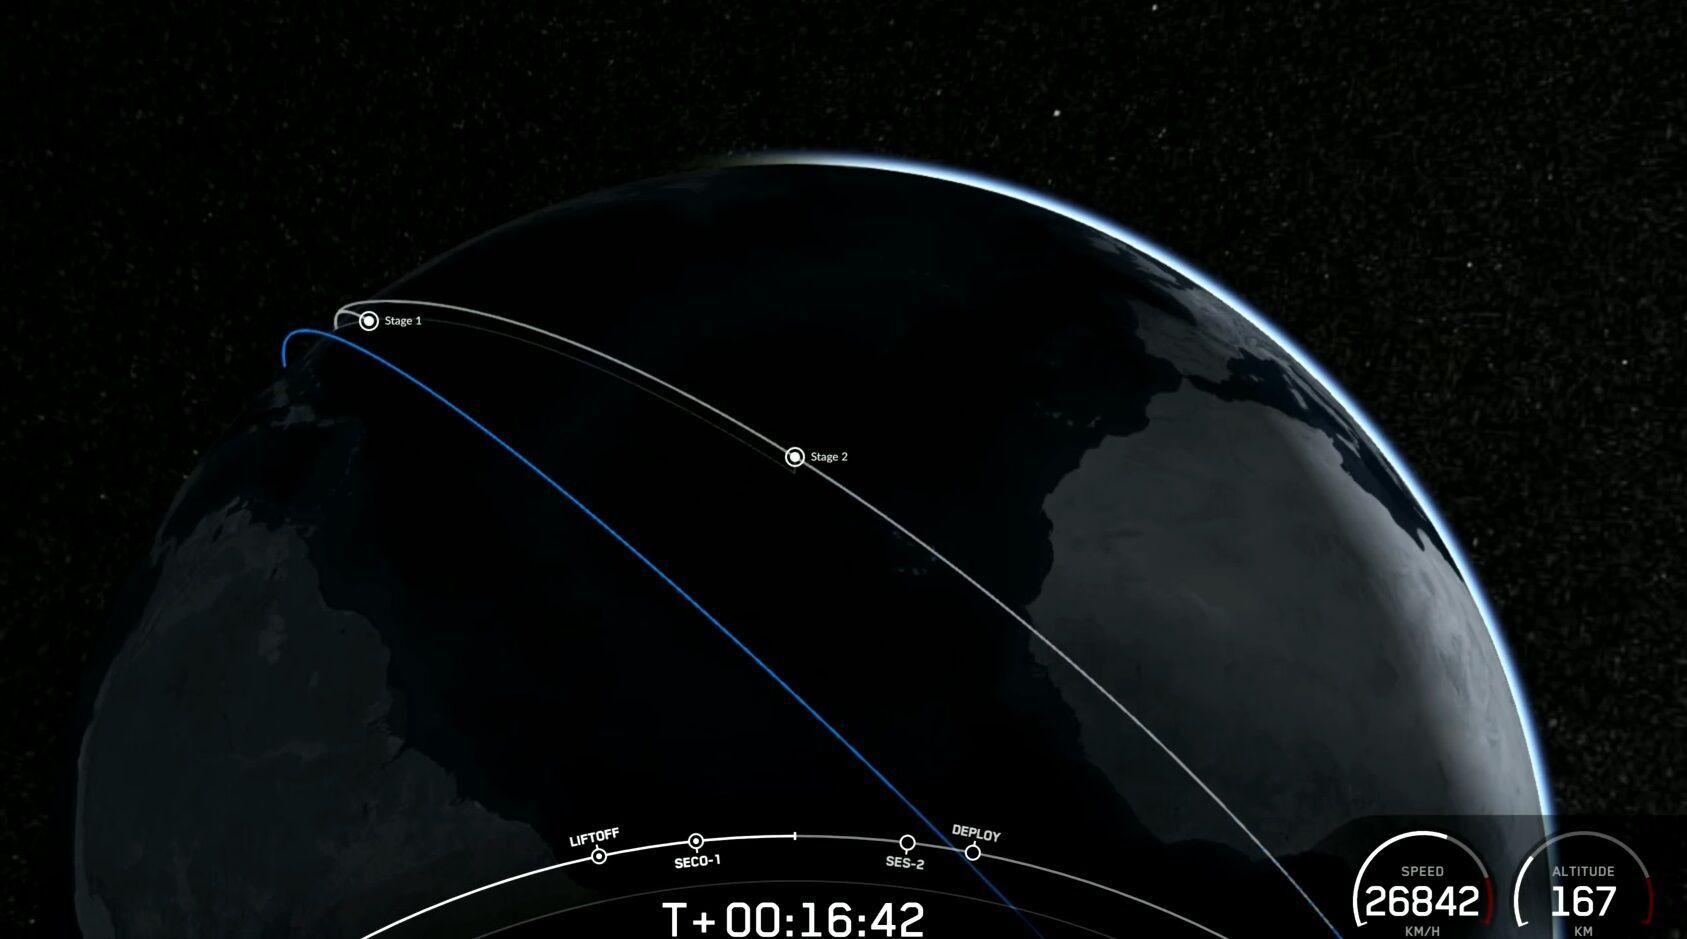 Первая ступень вернулась на Землю.